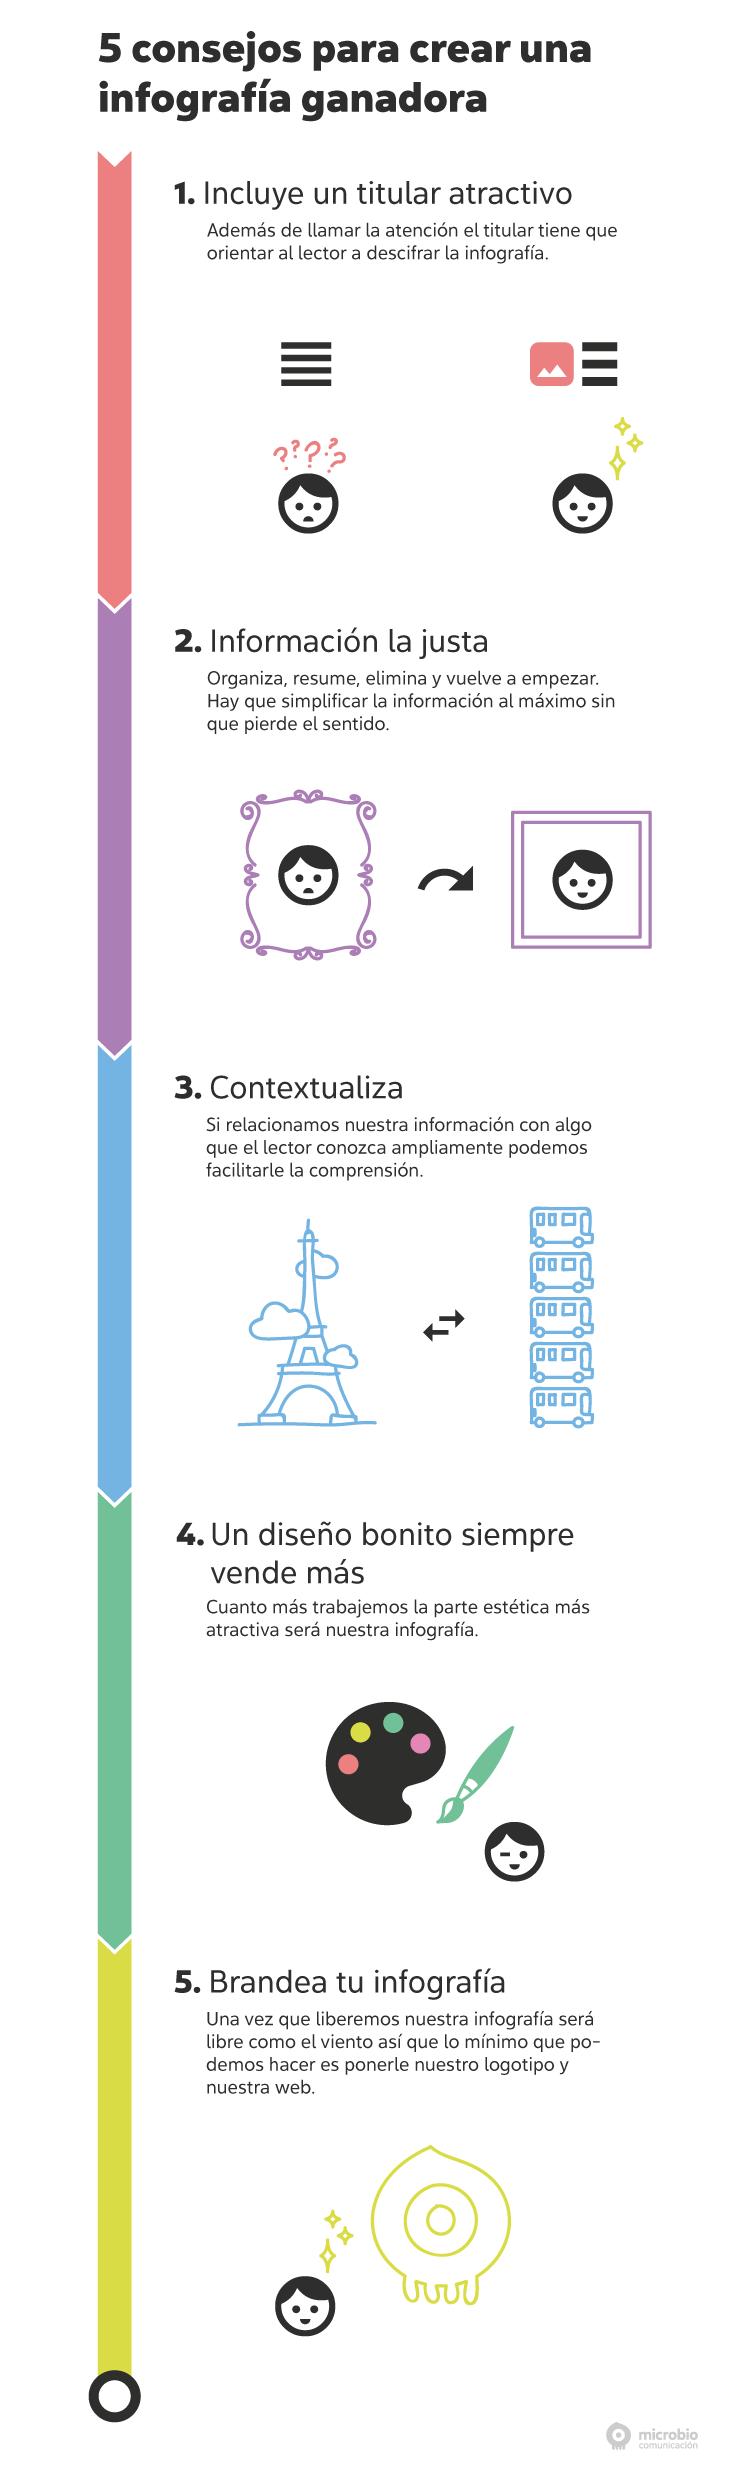 5 consejos para una infografía ganadora